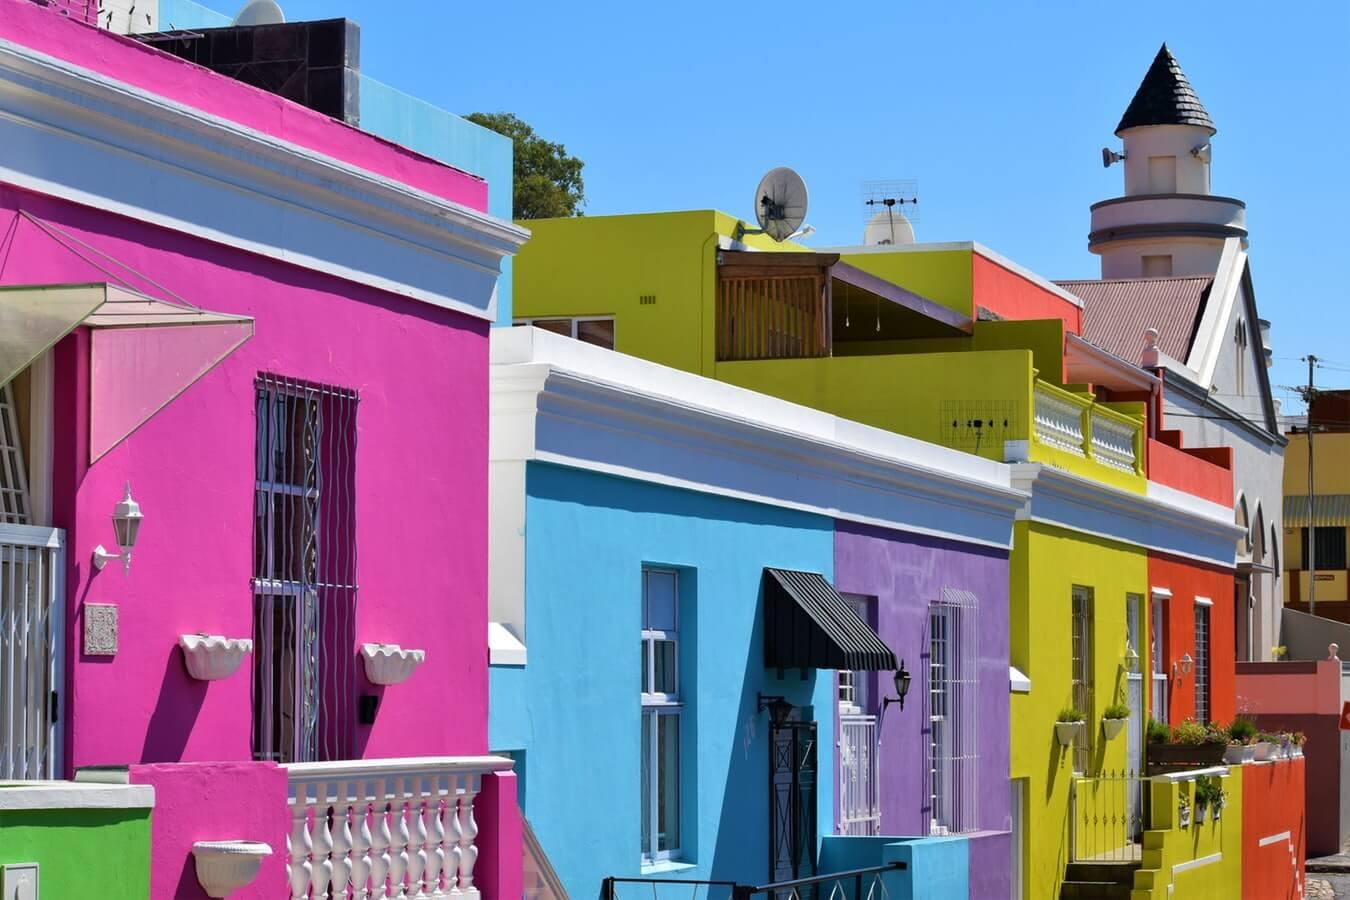 Maisons peintes de plusieurs couleurs